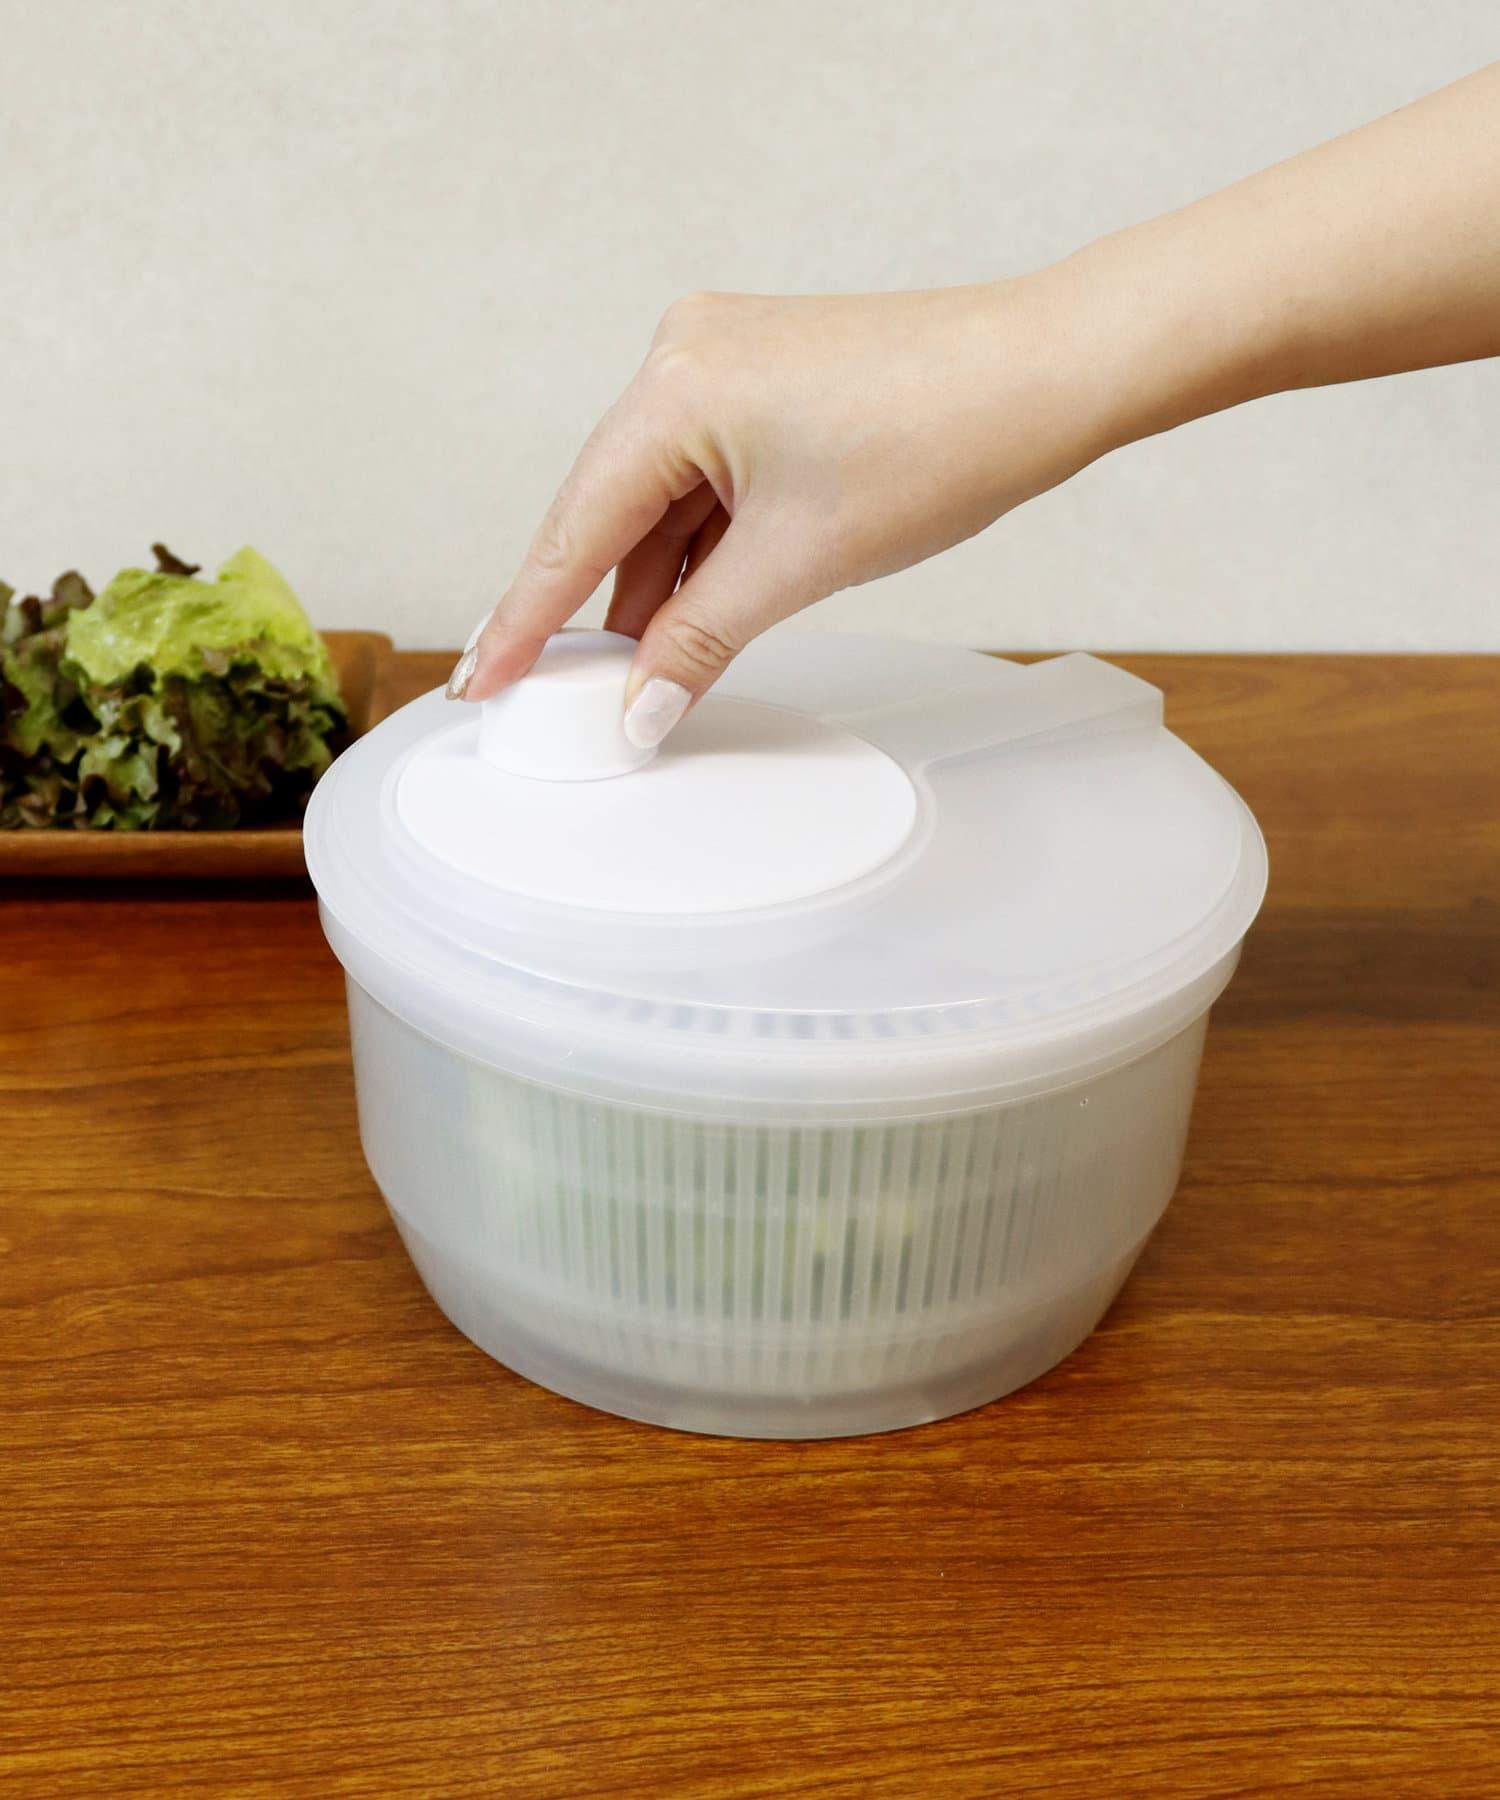 3COINS(スリーコインズ) ライフスタイル サラダスピナー ホワイト